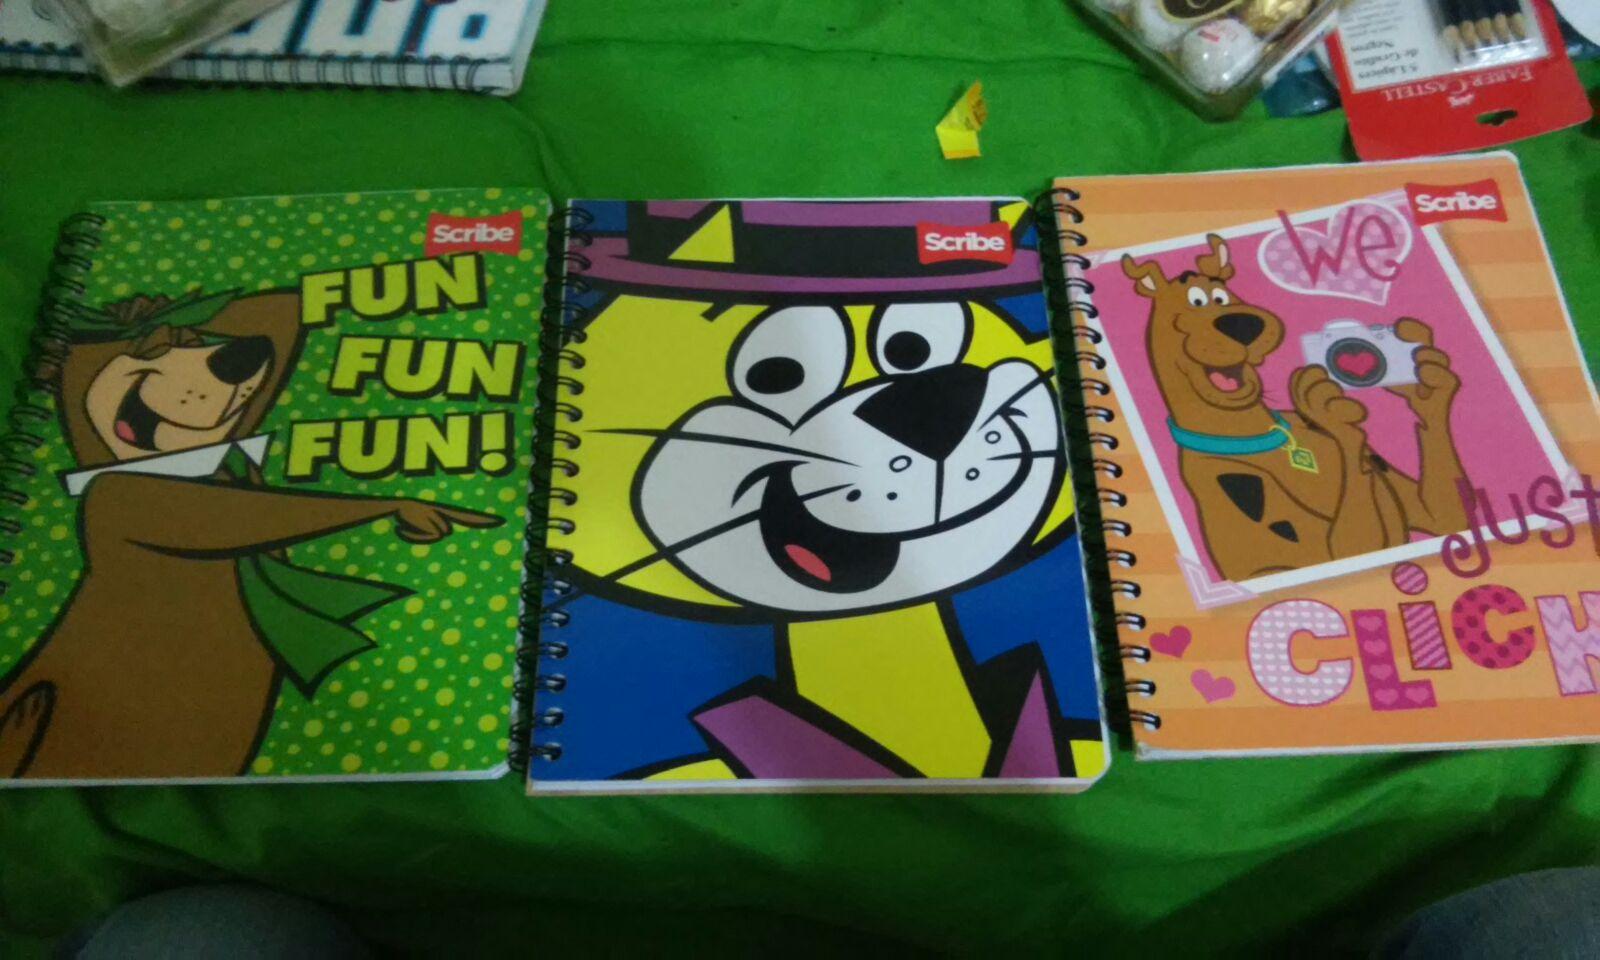 Chedraui: Cuadernos Scribe $2.50 / Crackets Sandwich $¿? / Huevo sorpresa de chocolate $3.60 / 24 bolsas para snack $4.50 / Caja de galletas de canela $10